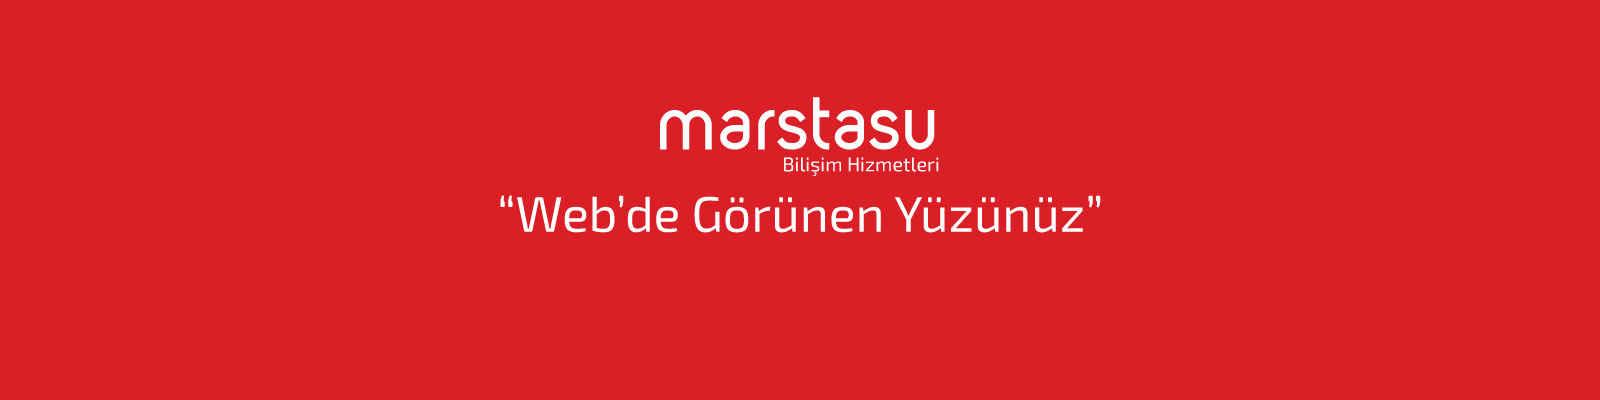 Marstasu Bilişim banner fotograf